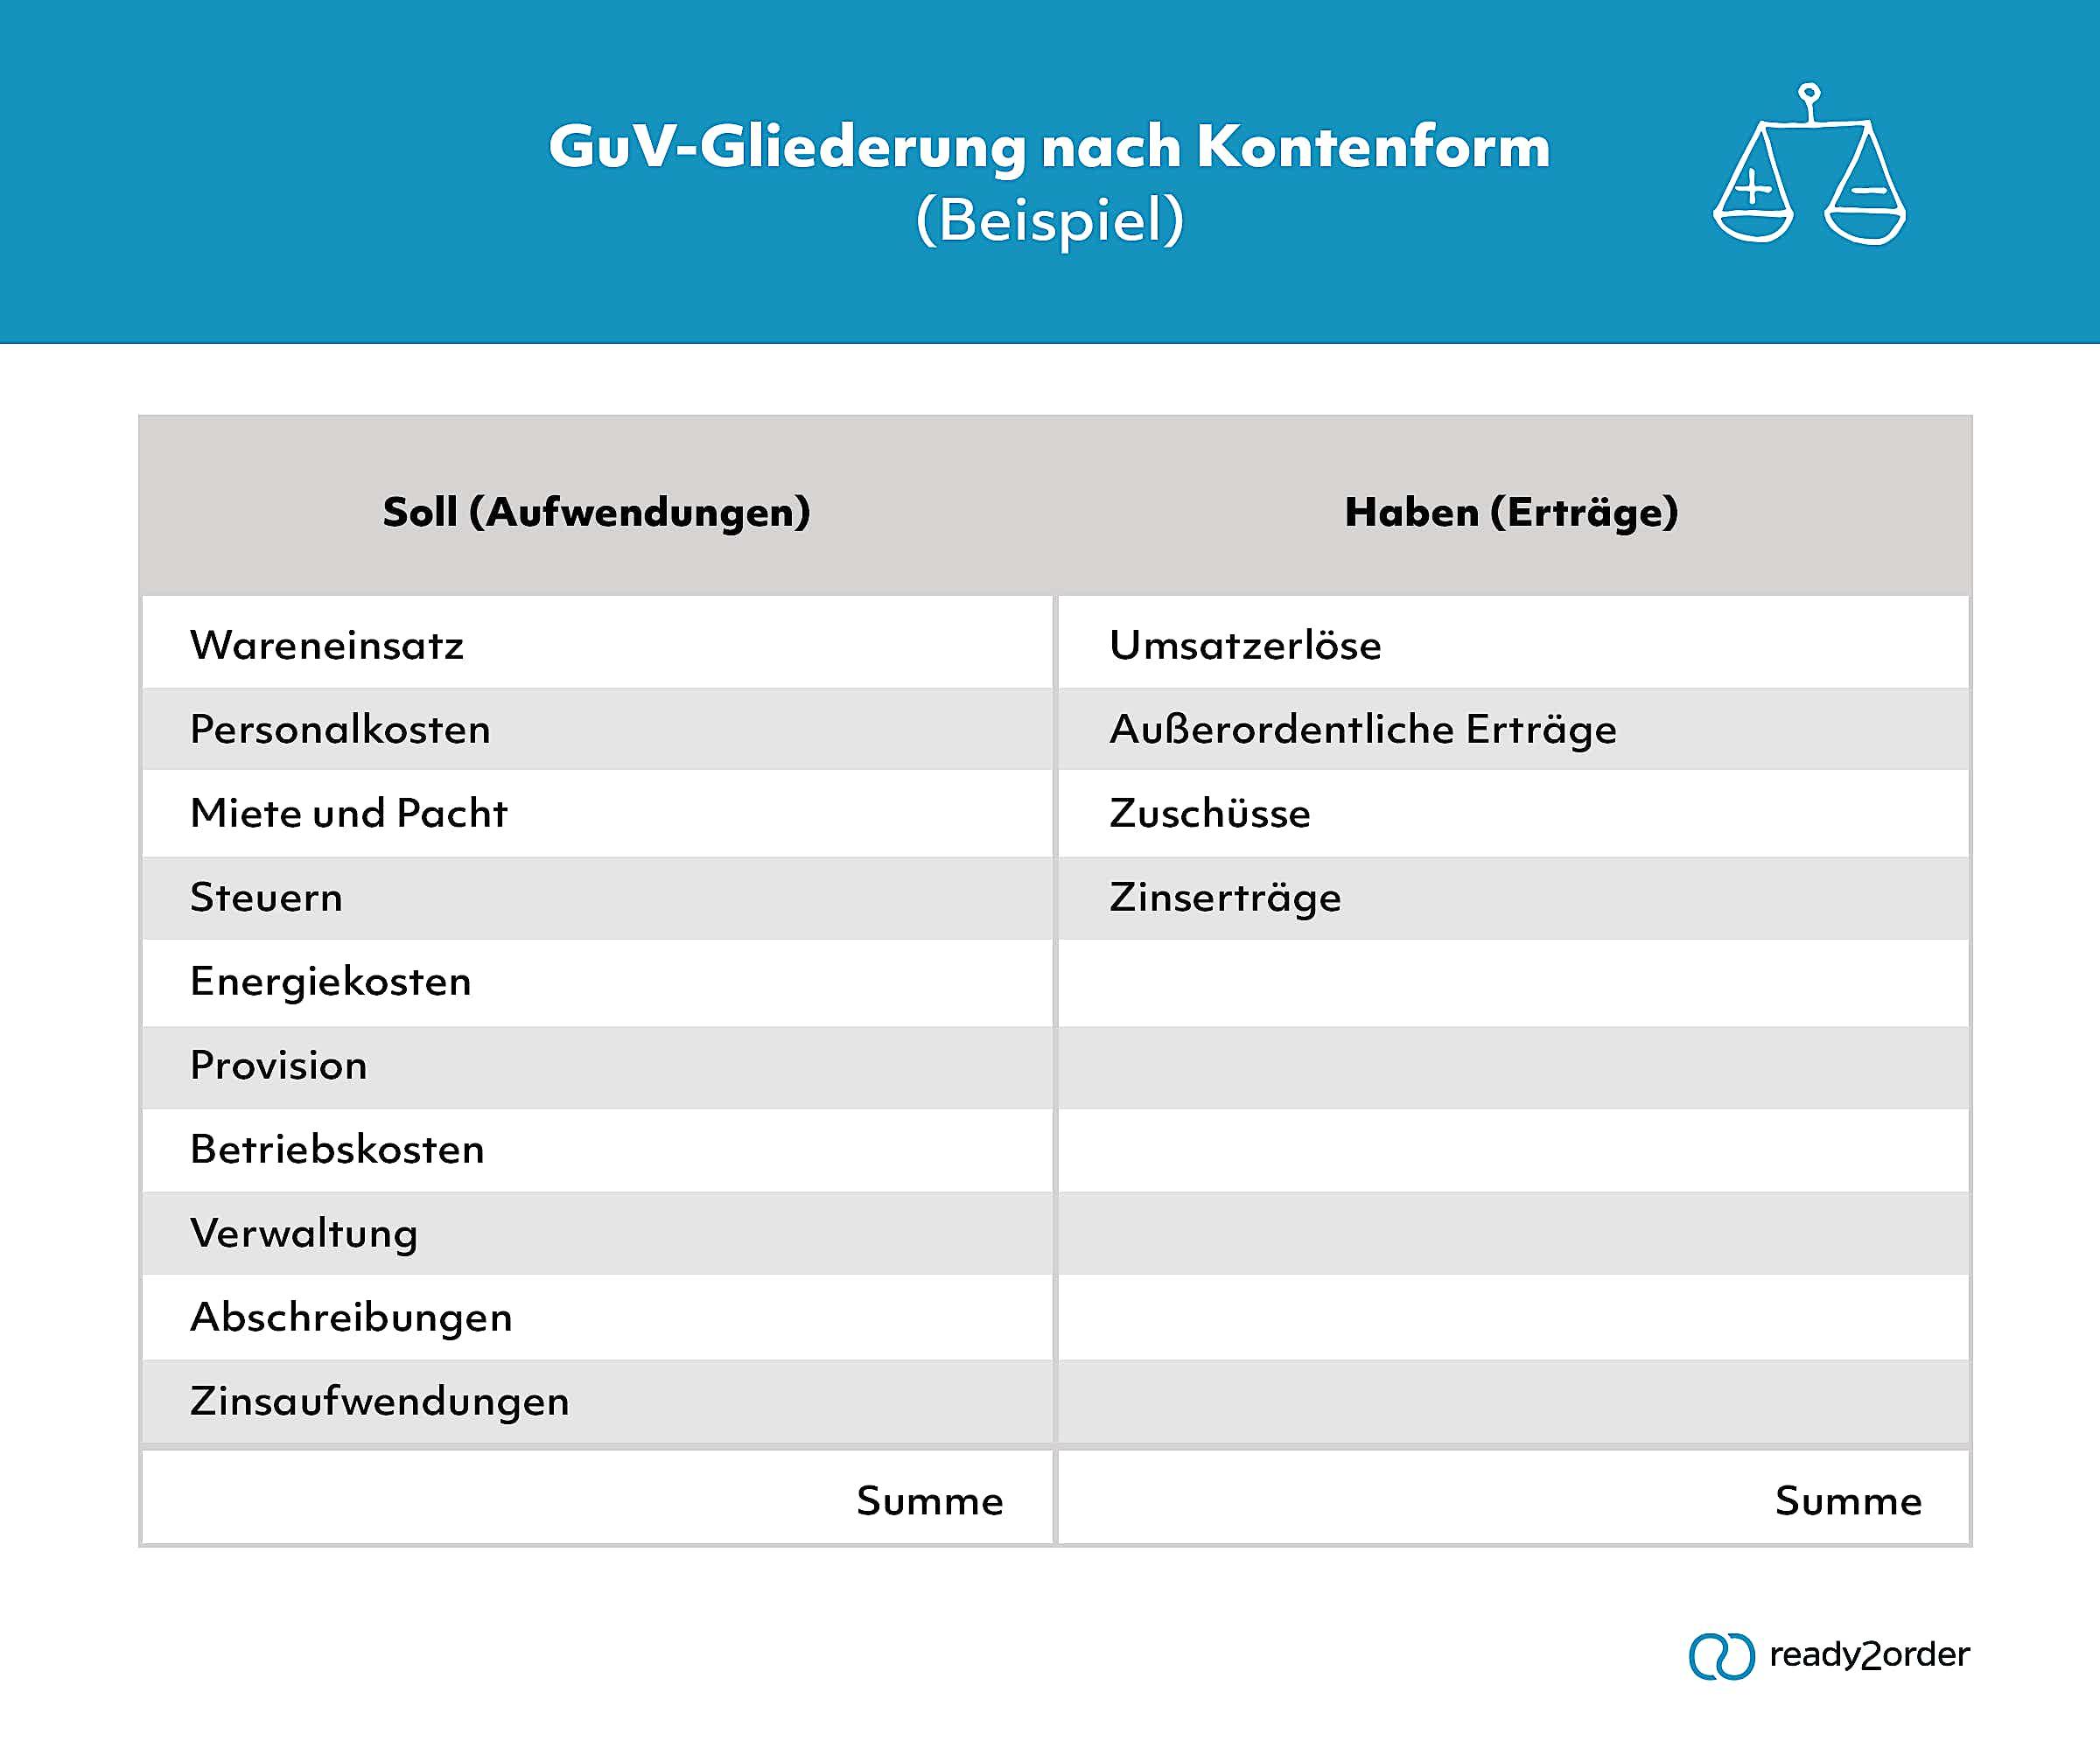 GuV nach Kontenform (Beispiel)